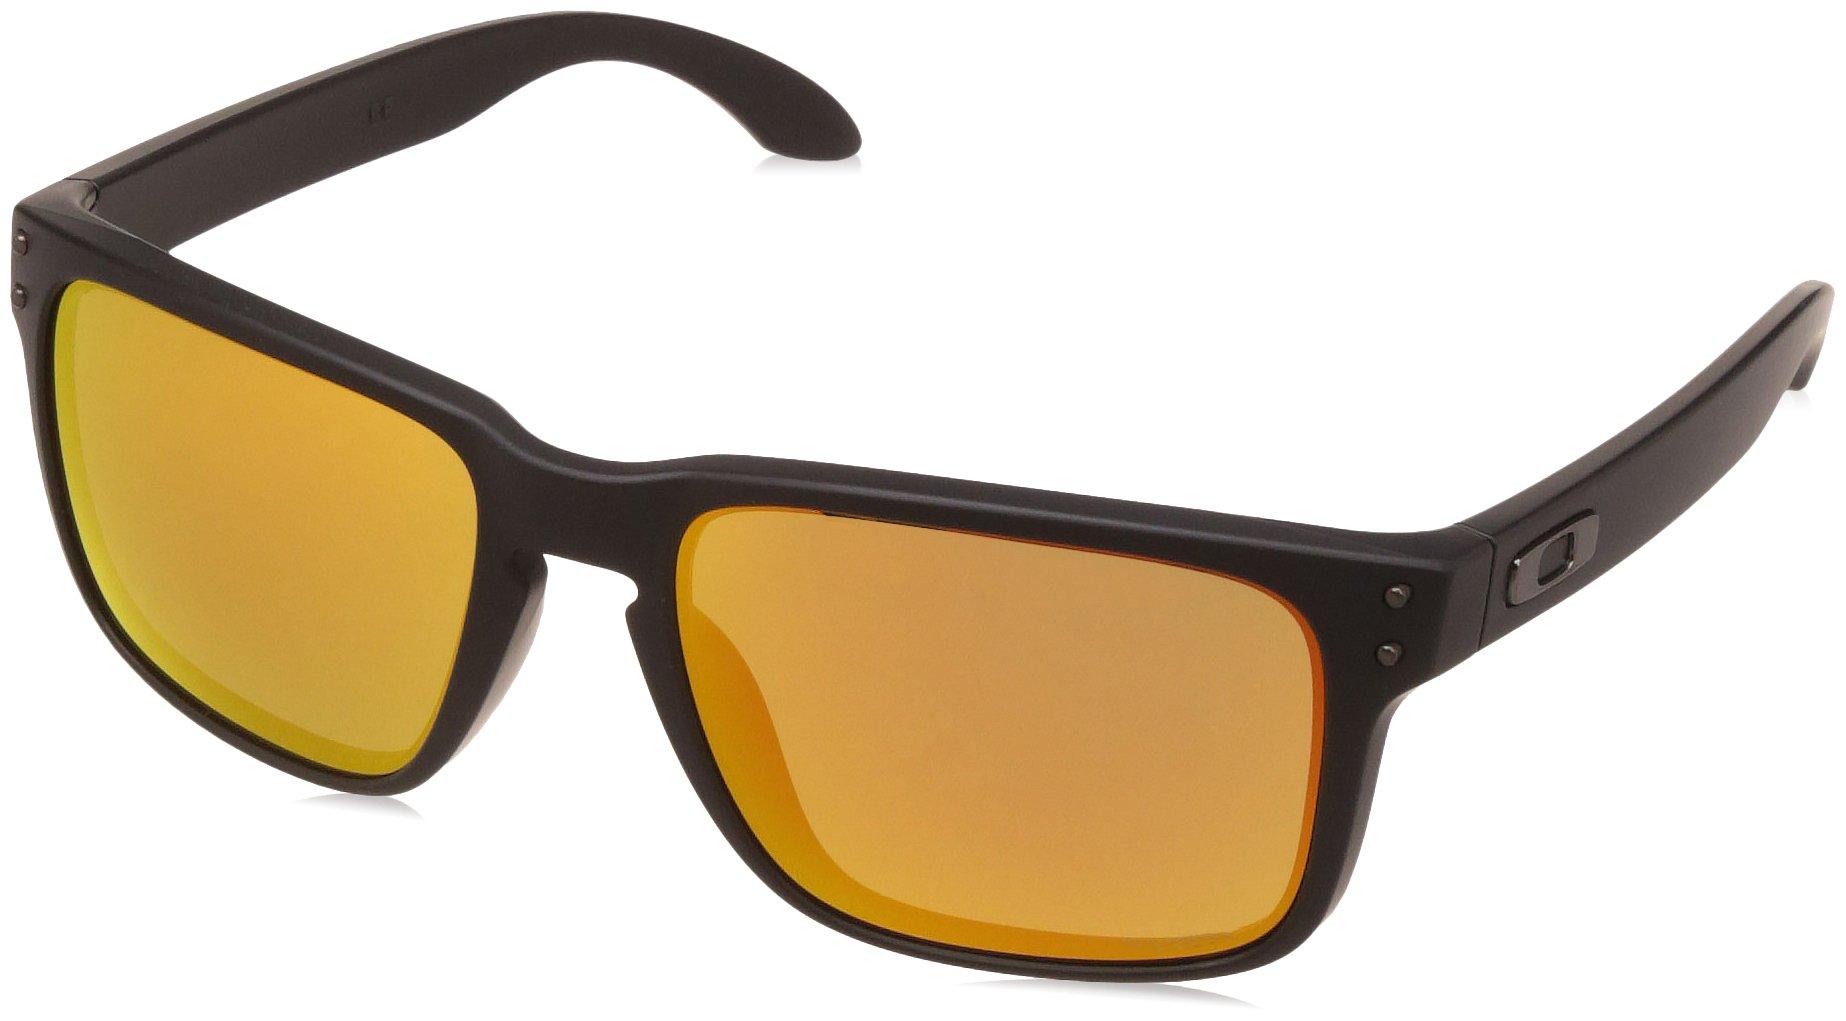 cheap oakley sunglasses amazon com rh amazon com